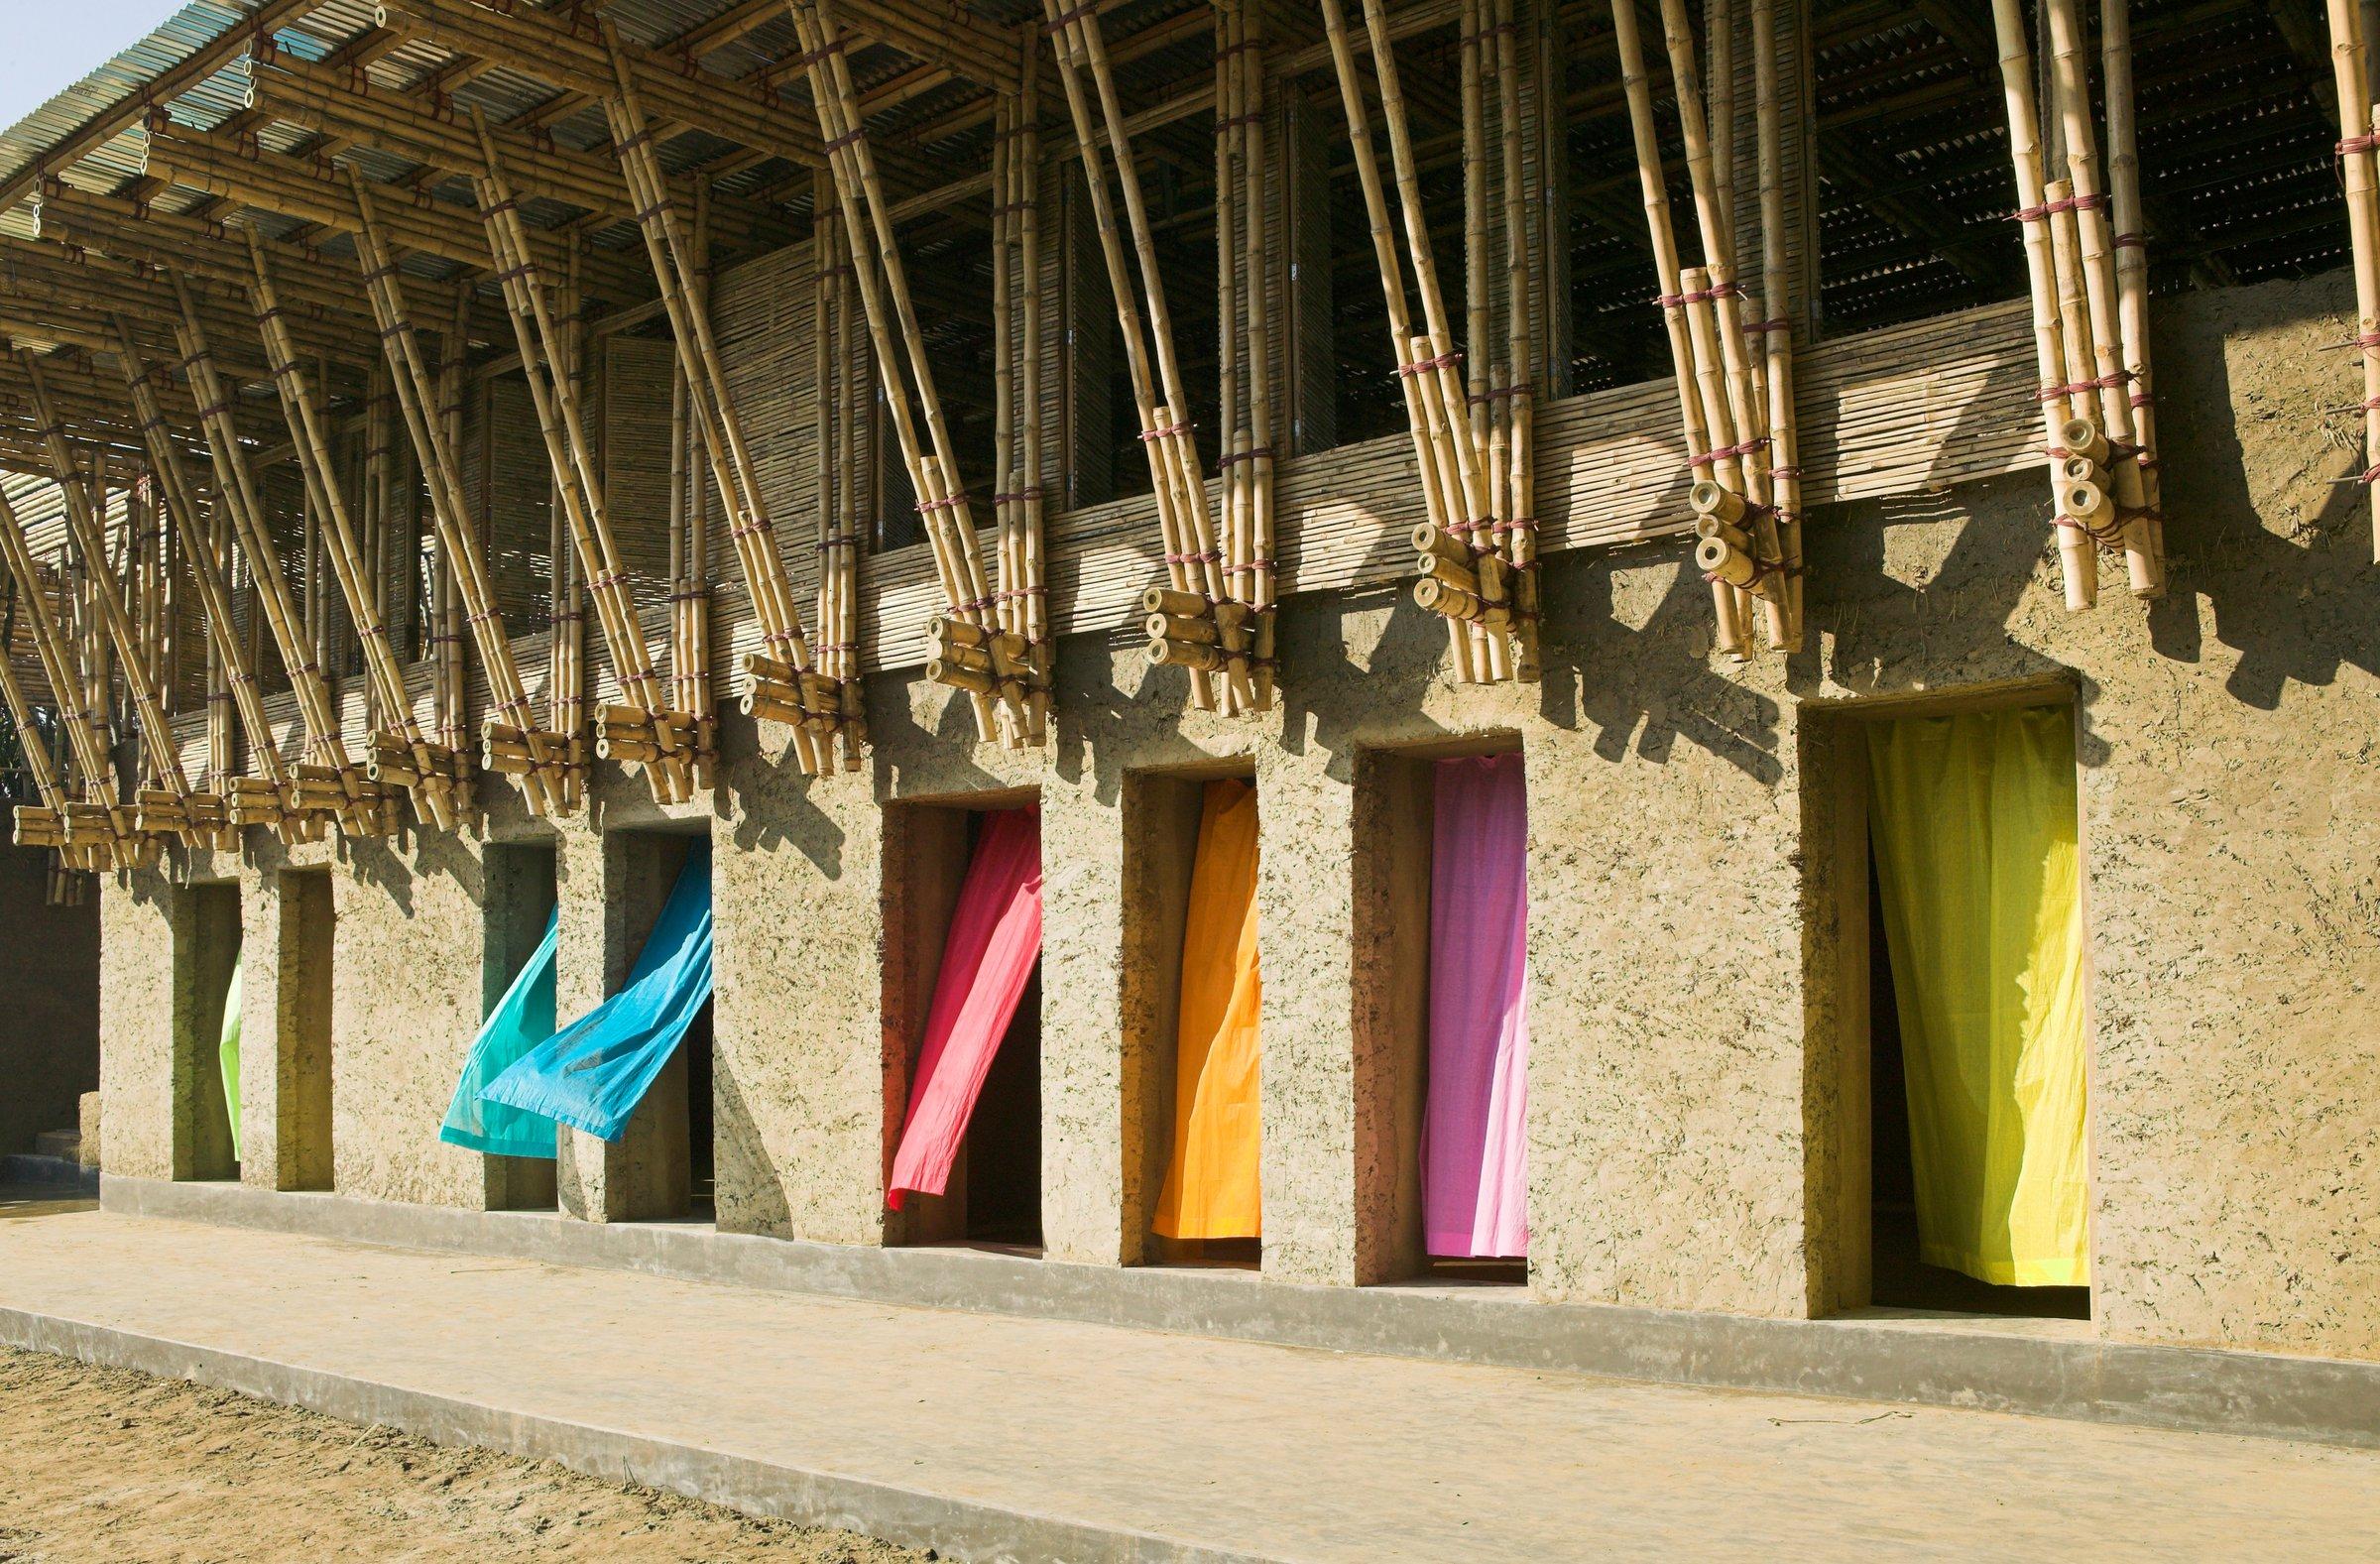 Escola foi erguida com terra e bambu como principais matérias-primas.